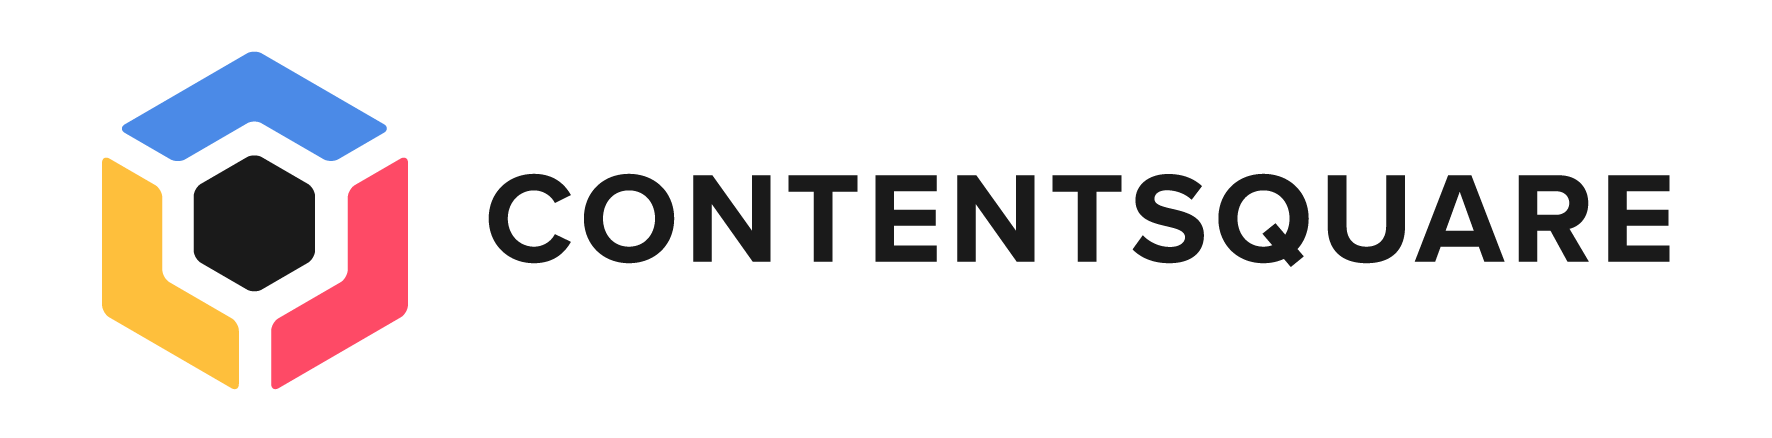 Content Square